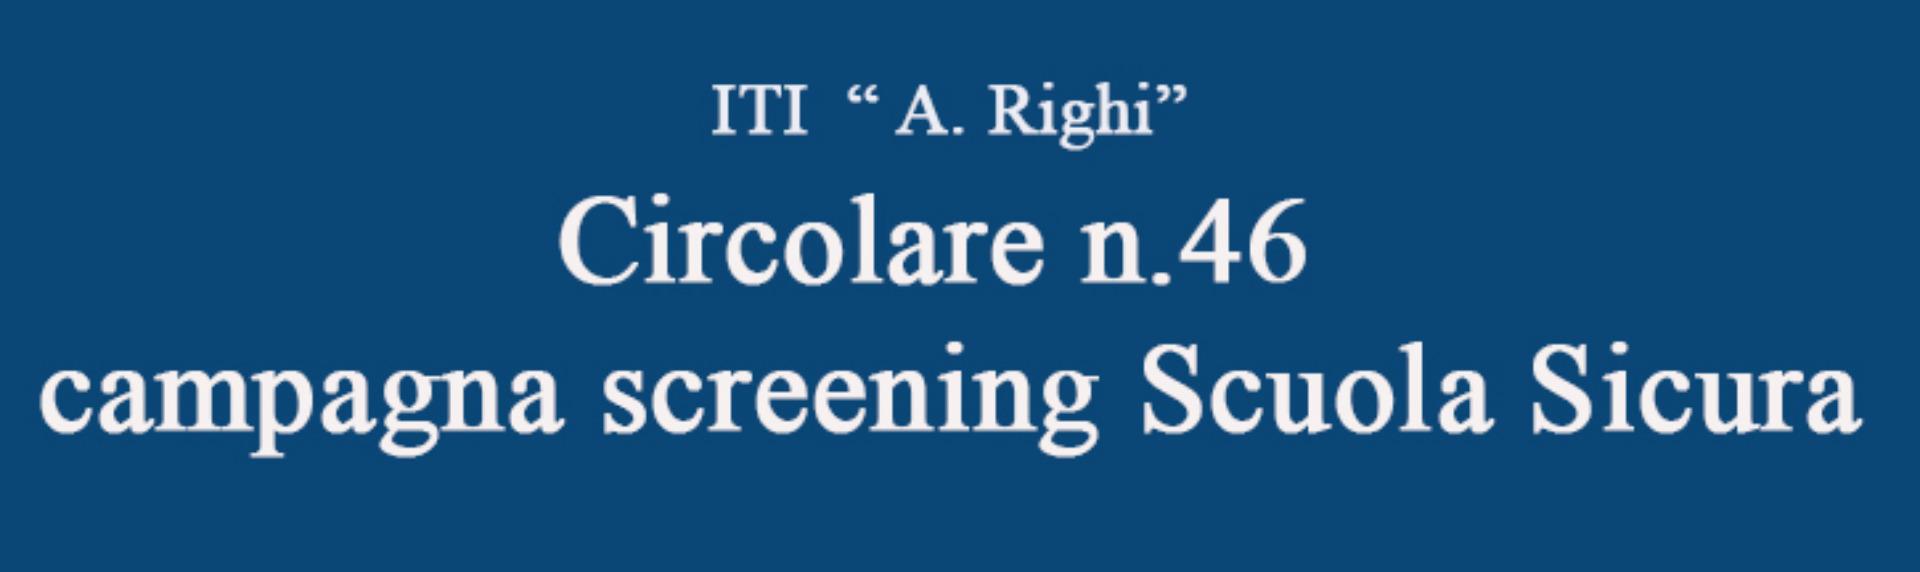 Circolare n.46 campagna screening Scuola Sicura